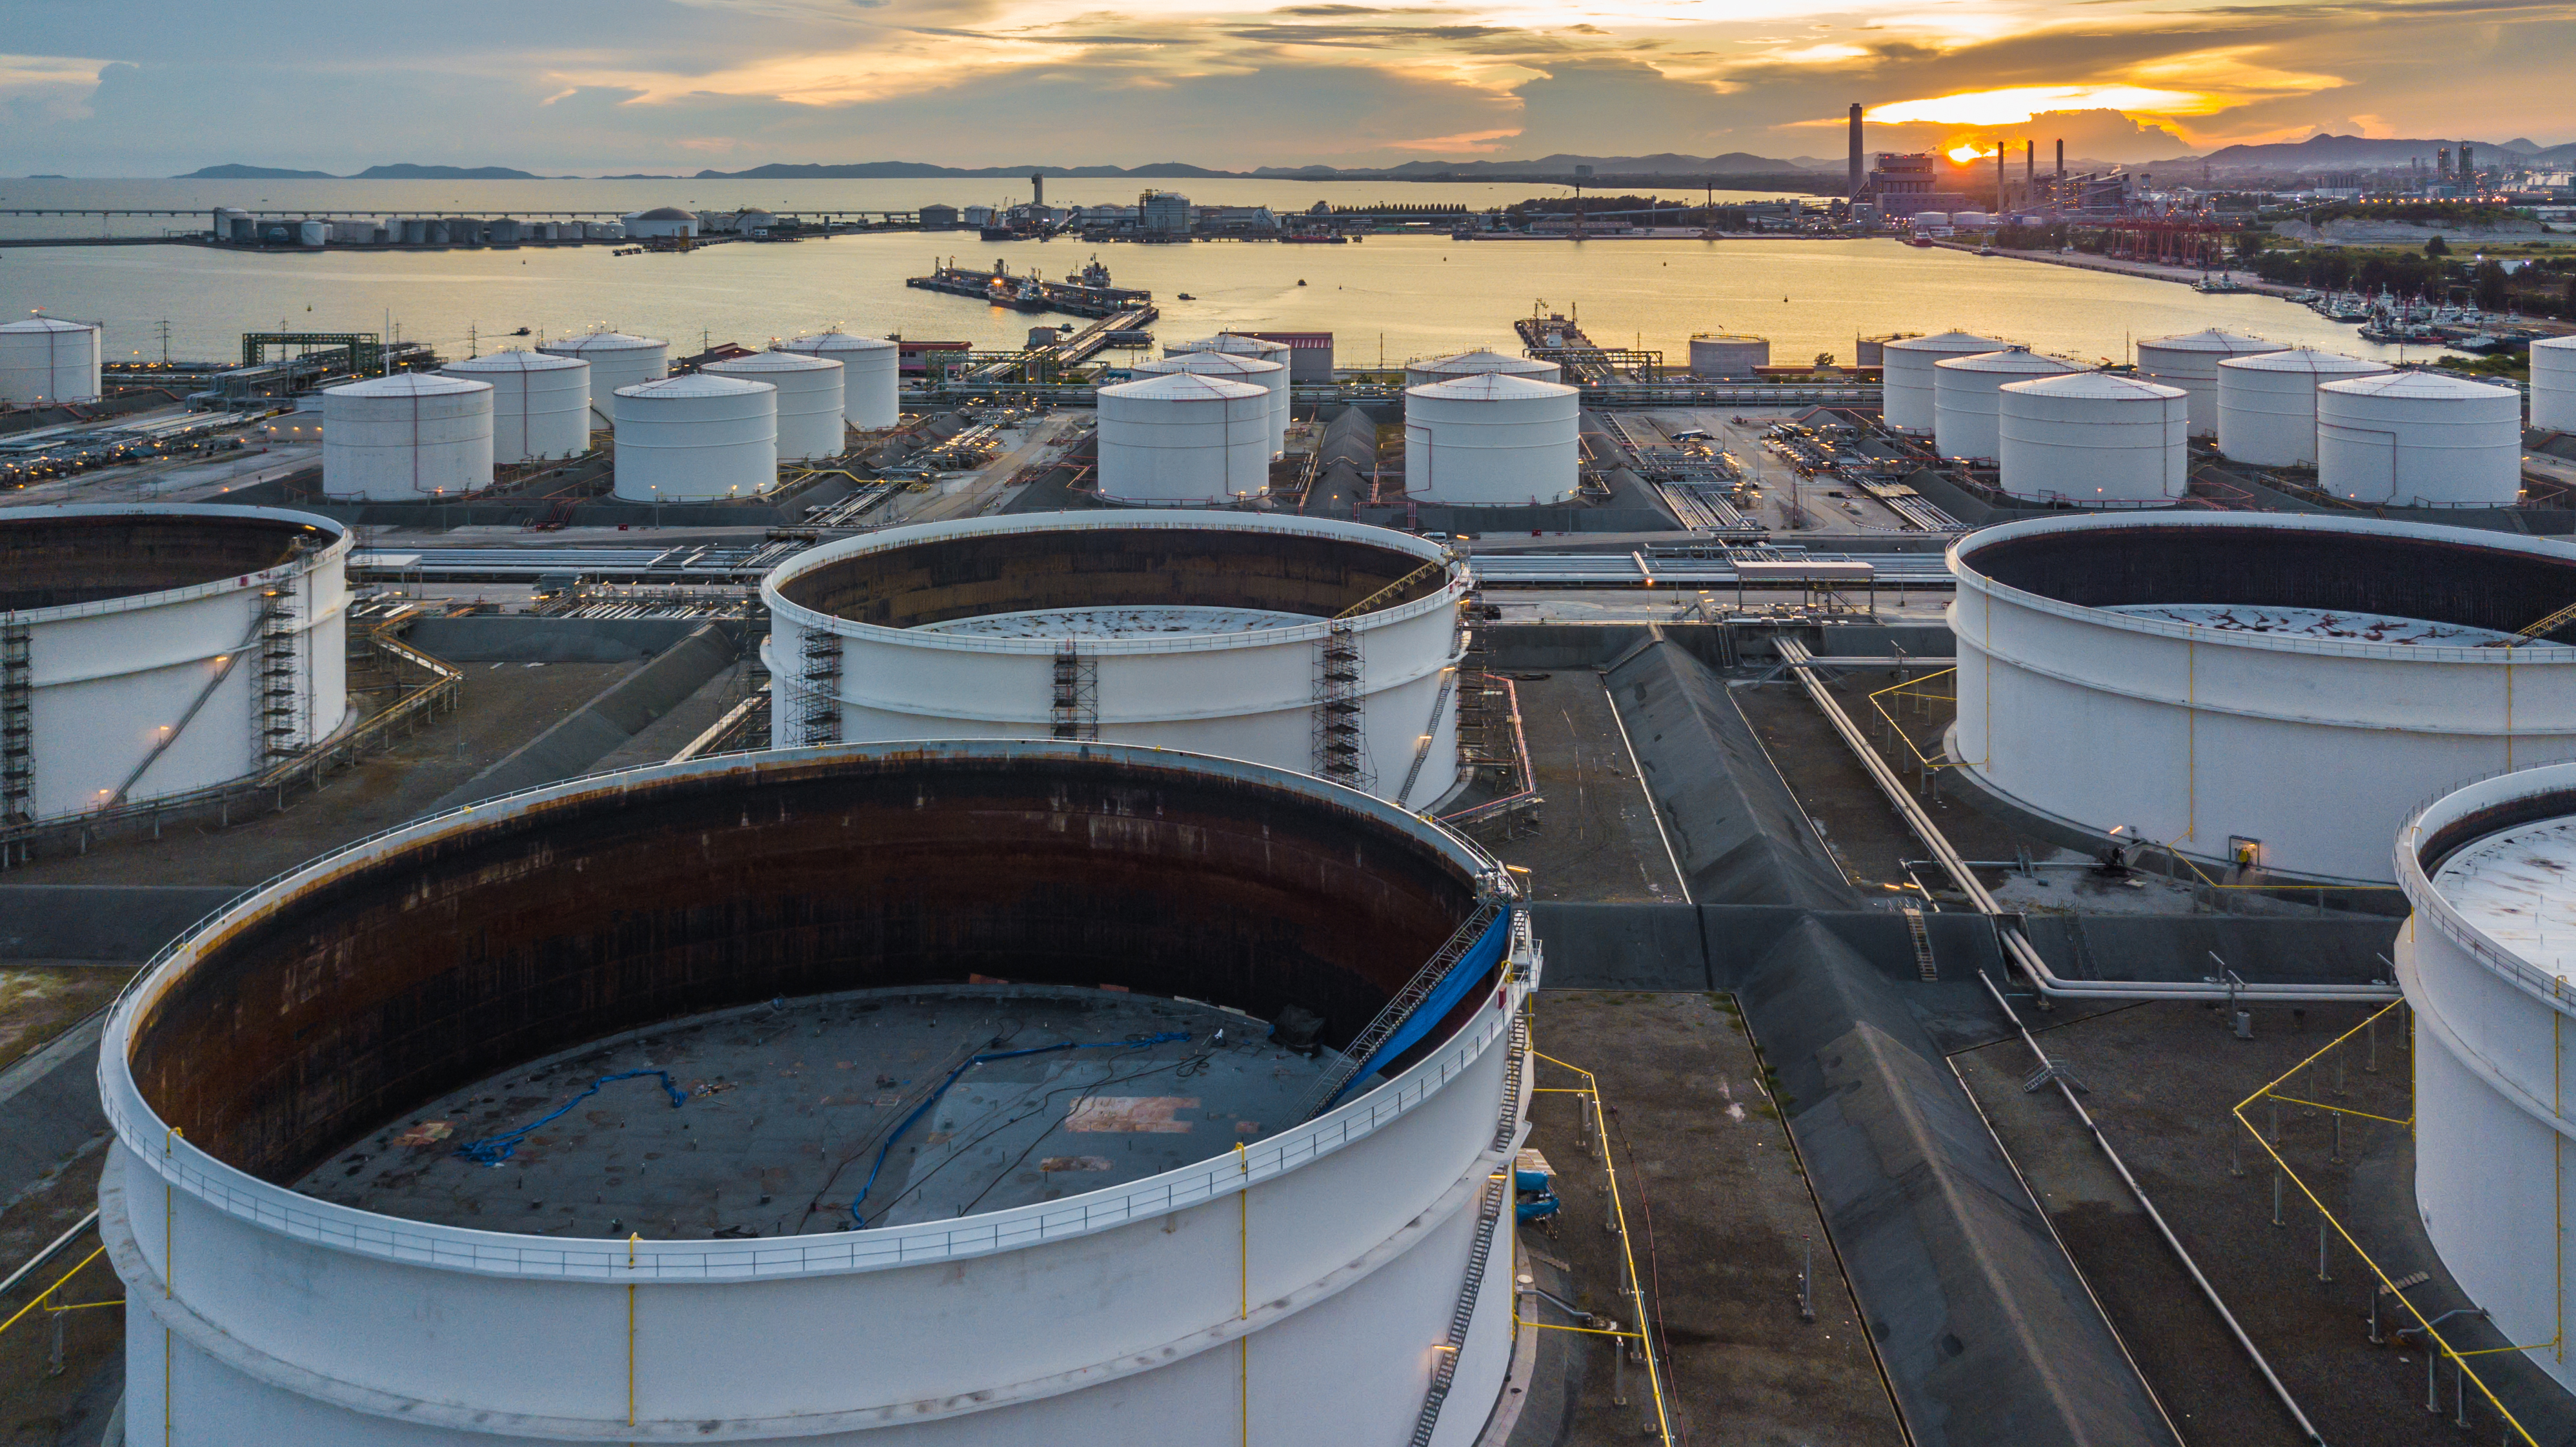 """Ölexpertin Kneissl sieht keinen Anlass für Panik auf Ölmarkt: """"Die Reserven brauchen nur abgerufen werden"""""""